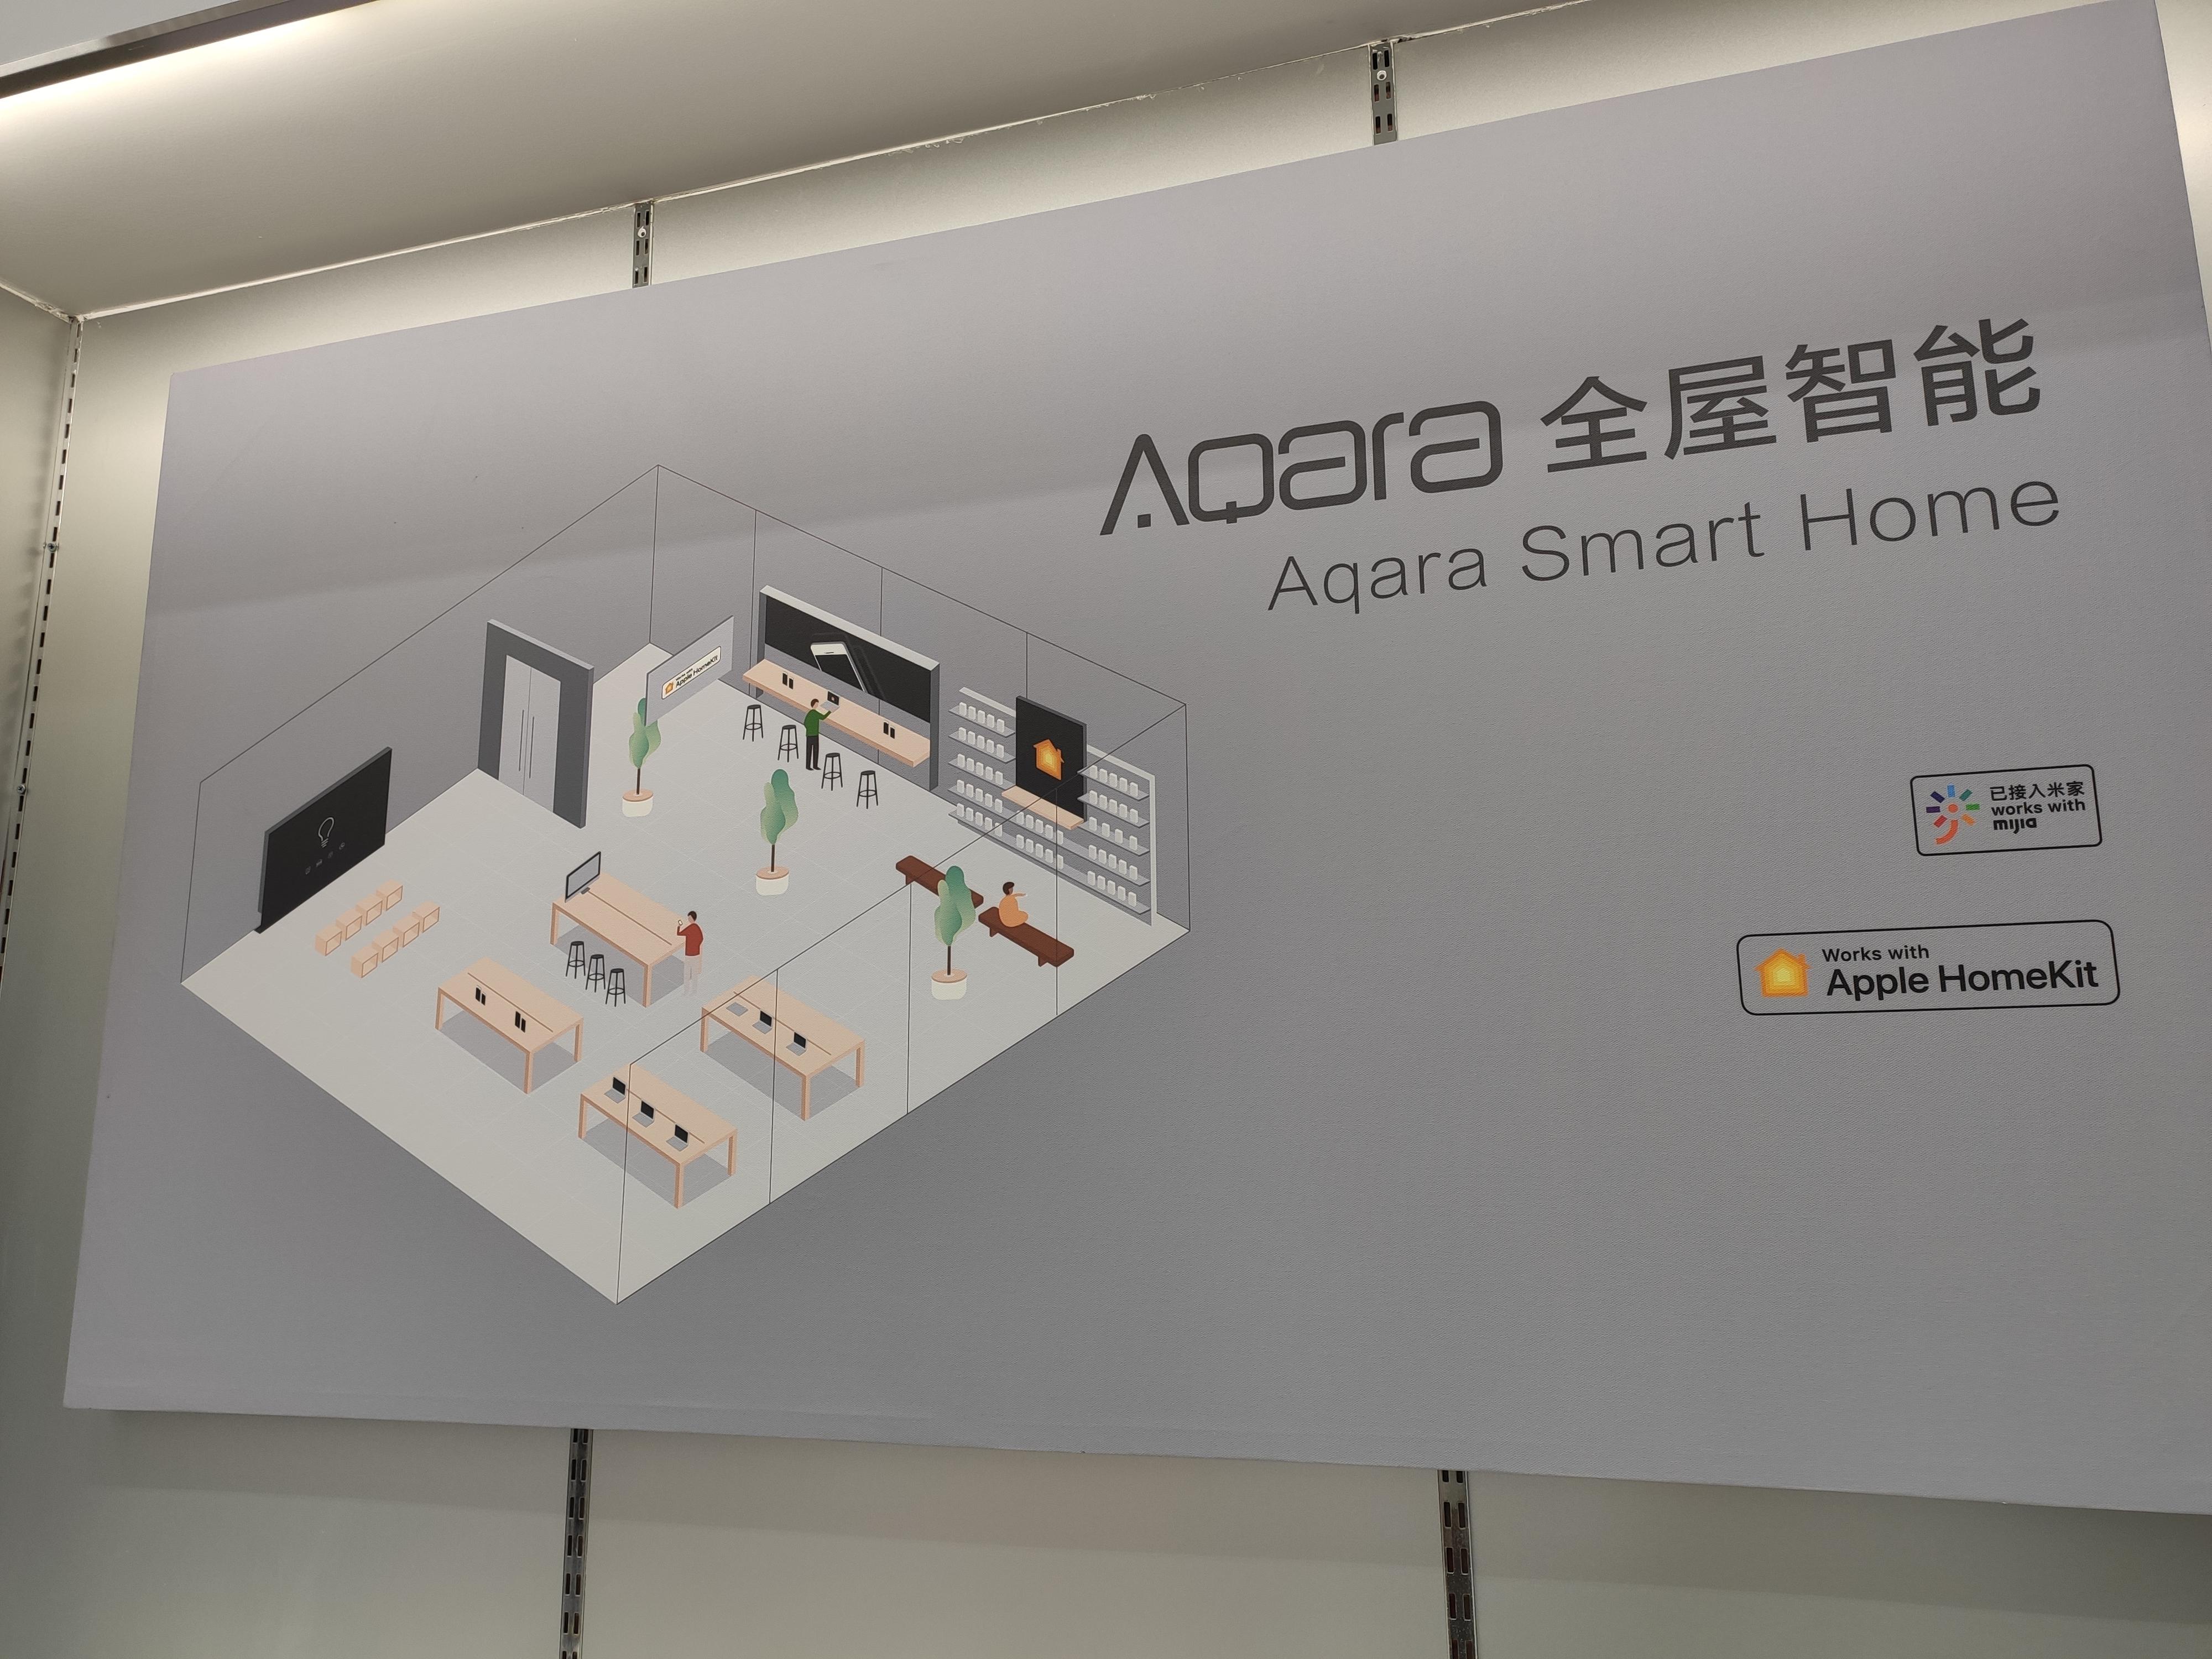 武汉也有智能家居旗舰店啦,体验后才发现自己住的毛坯房?